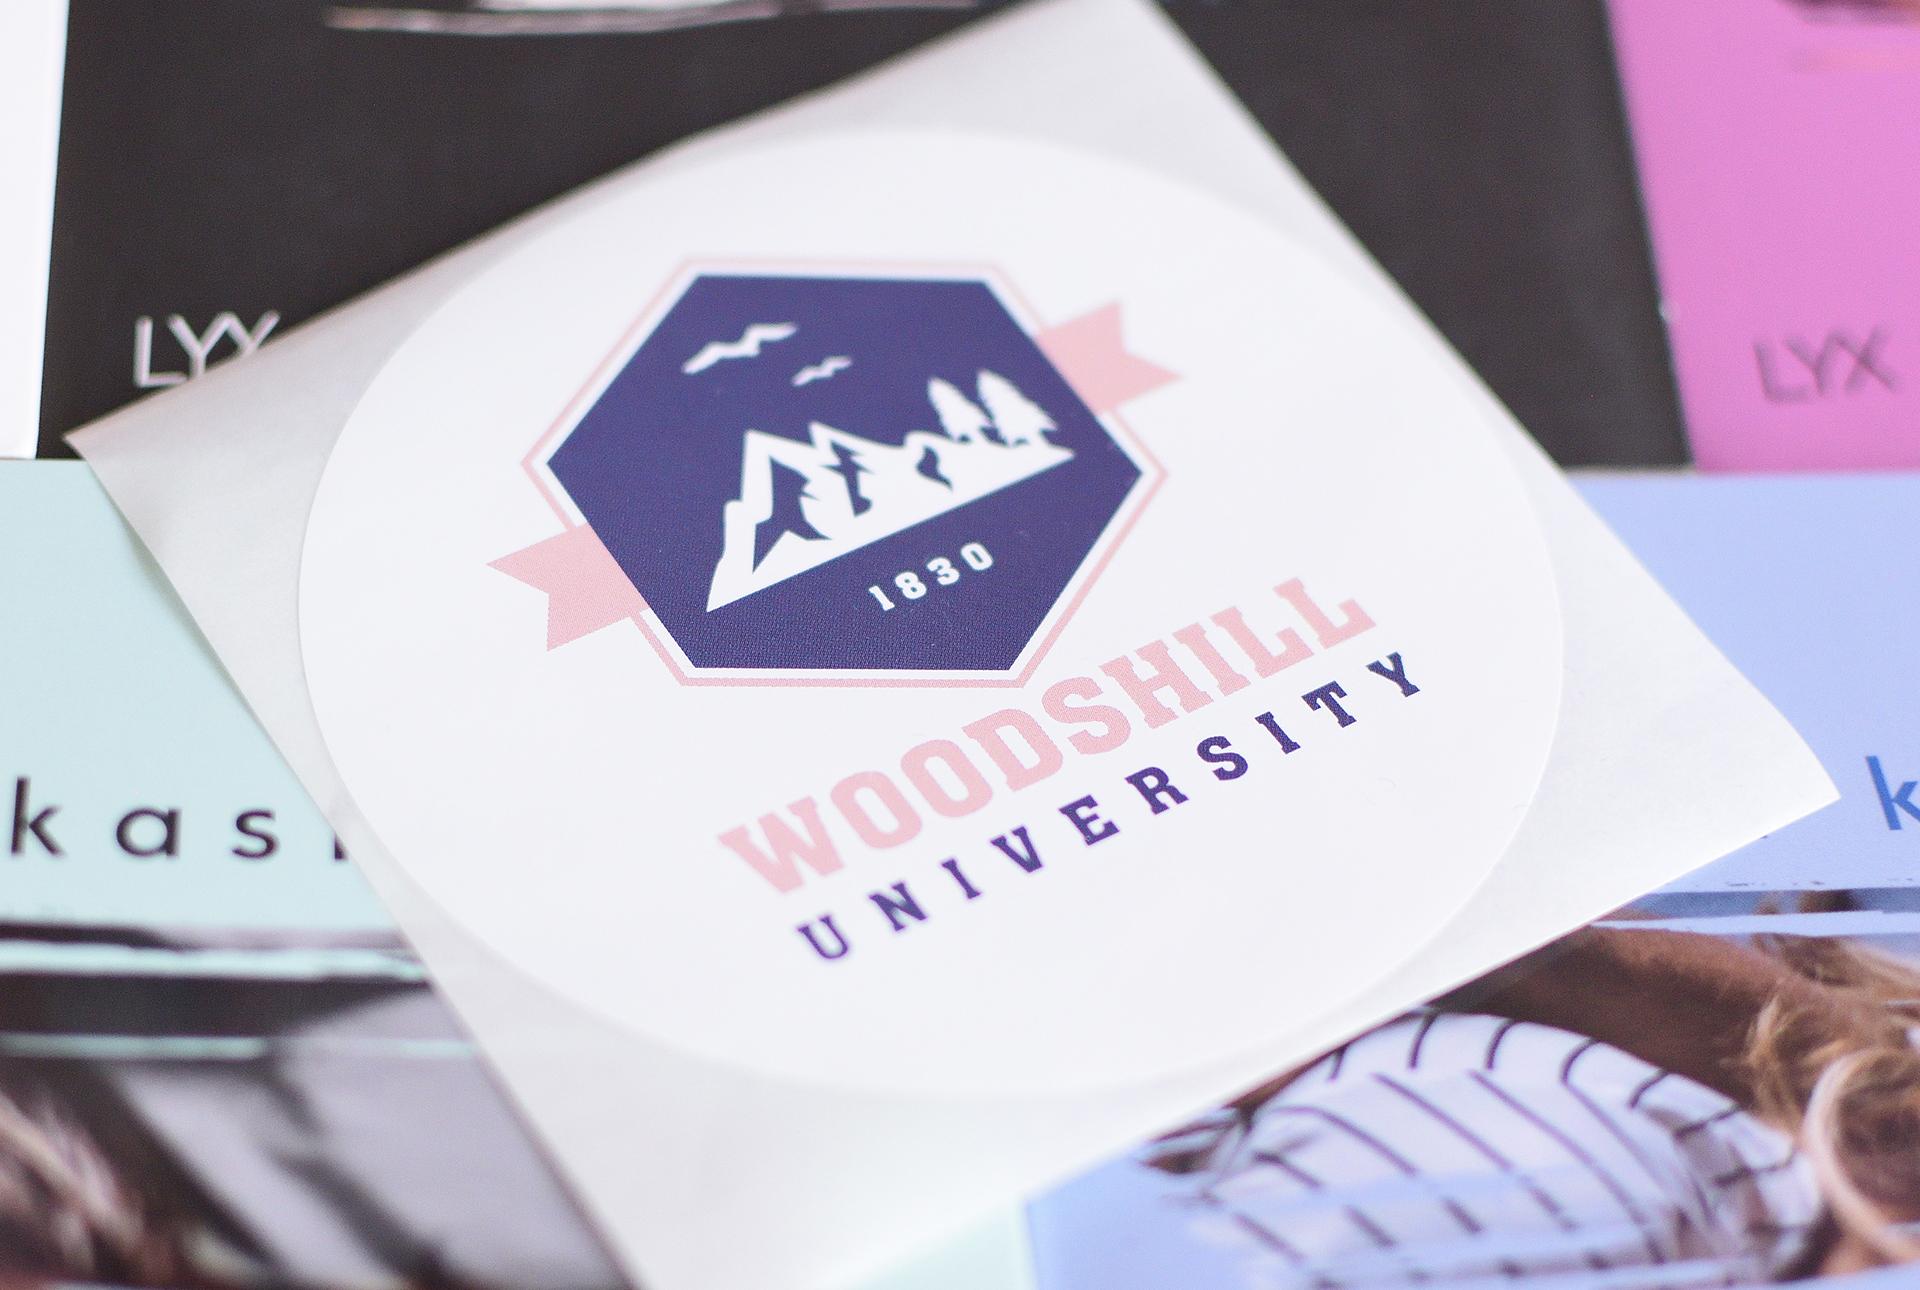 Sticker Woodshill University